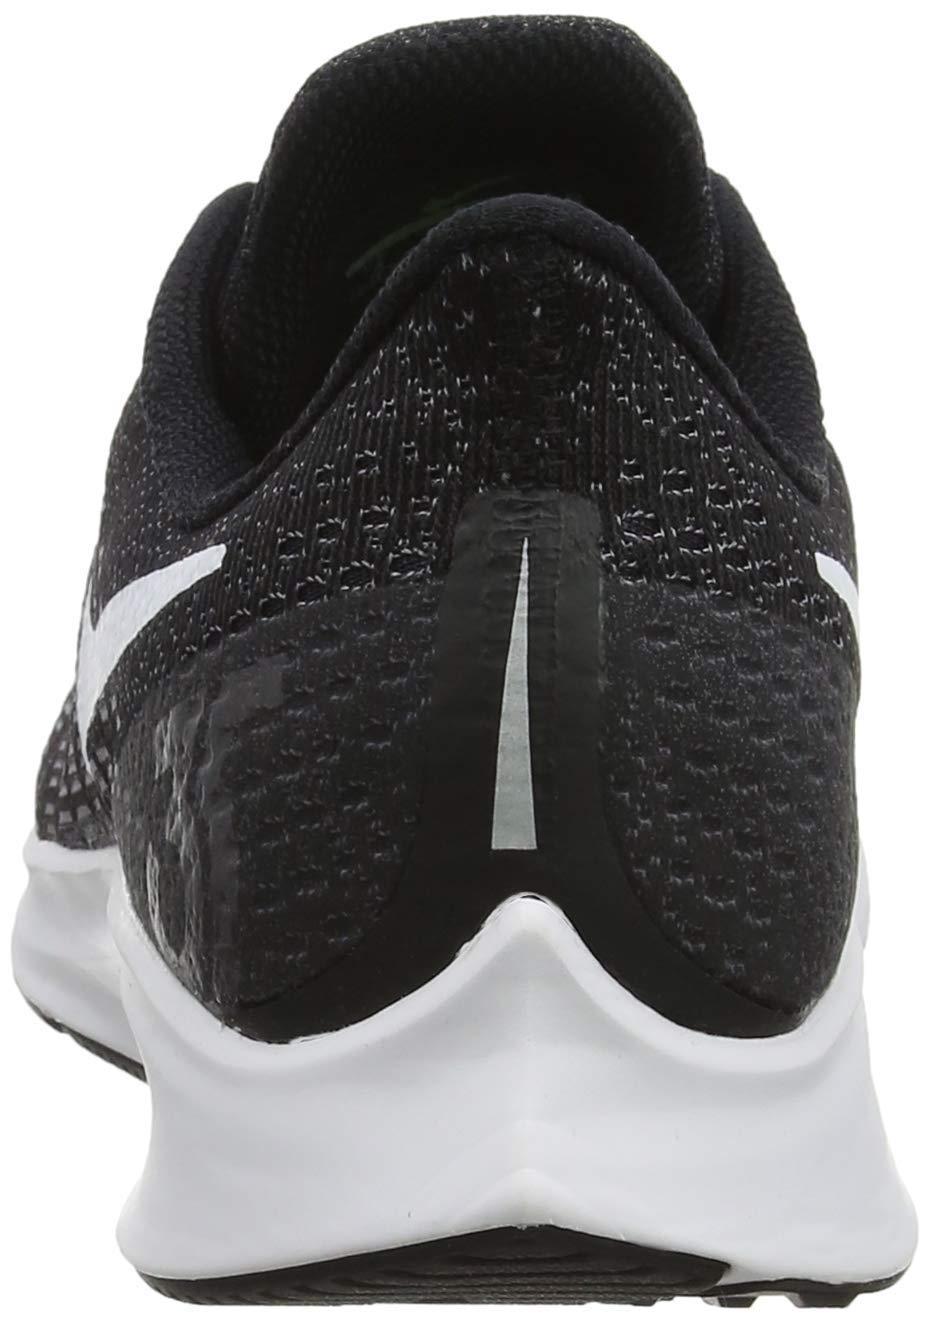 Nike Men's Air Zoom Pegasus 35 Running Shoe (6 M US, Black/White/Gunsmoke/Oil Grey) by Nike (Image #4)